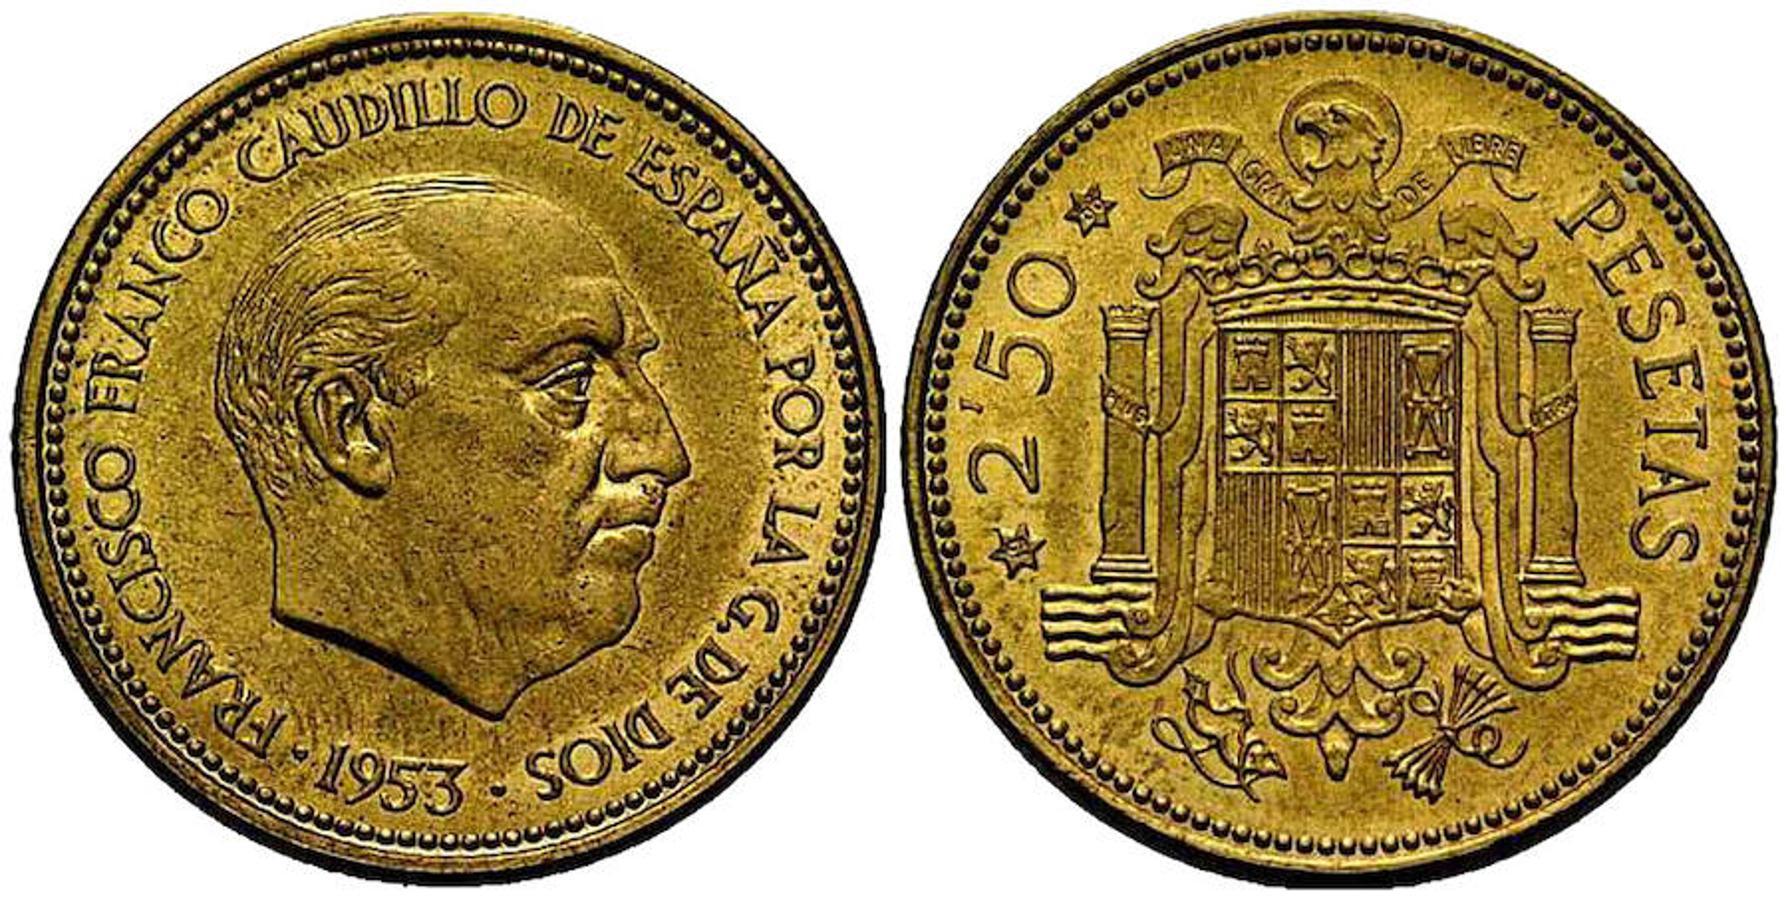 2,5 Pesetas 1953. Es una tarea difícil encontrar esta moneda, por lo que las personas que tengan alguna en buen estado de conservación se pueden llegar a embolsar hasta 1.700 euros.